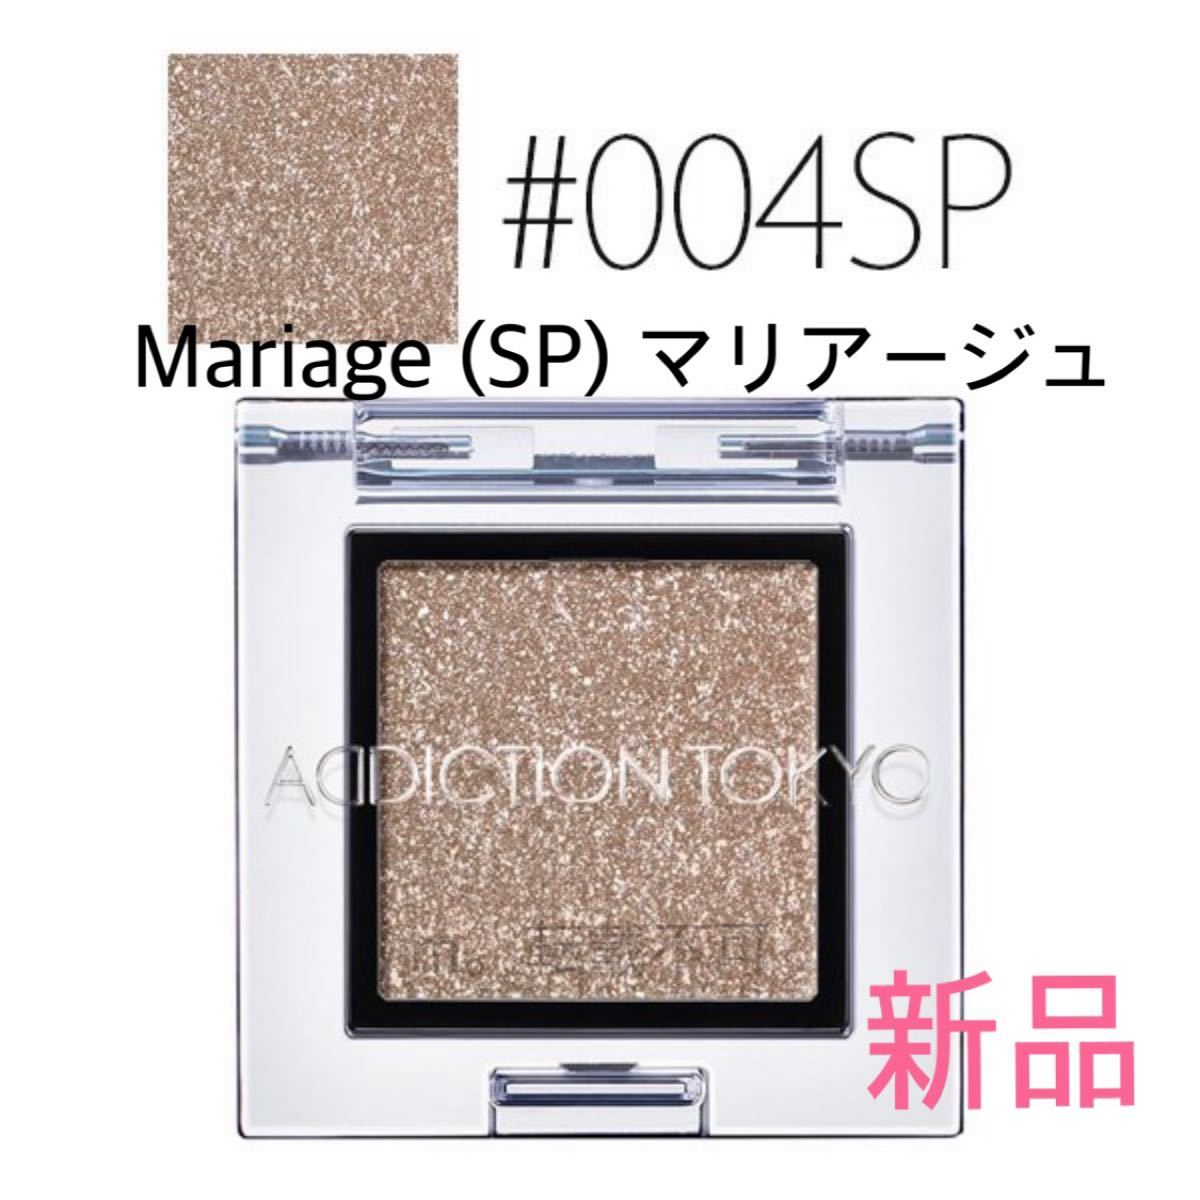 ADDICTION アディクション ザ アイシャドウ #004SP Mariage マリアージュ リニューアル 新品